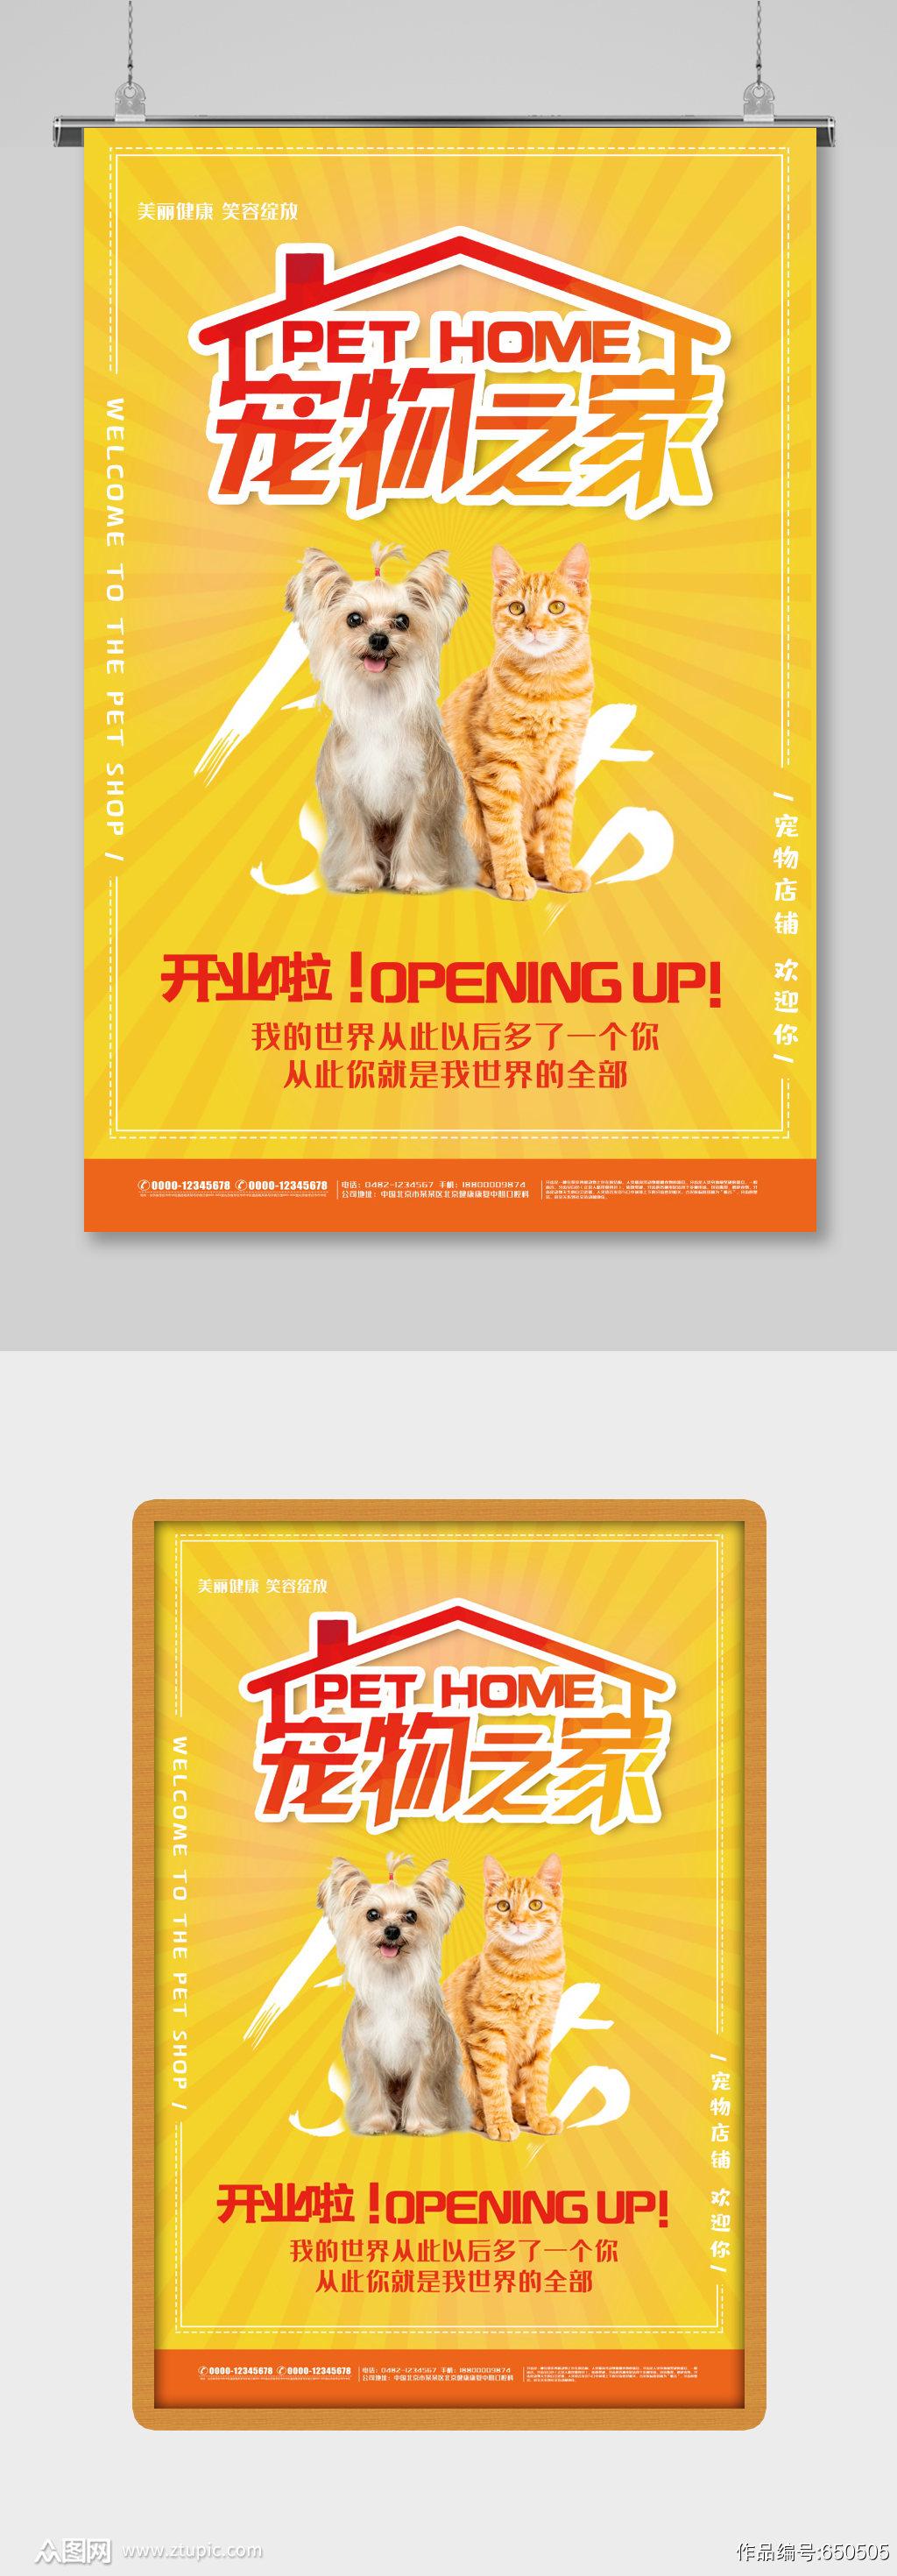 宠物之家宠物店开业海报盛大开业盛典展架素材